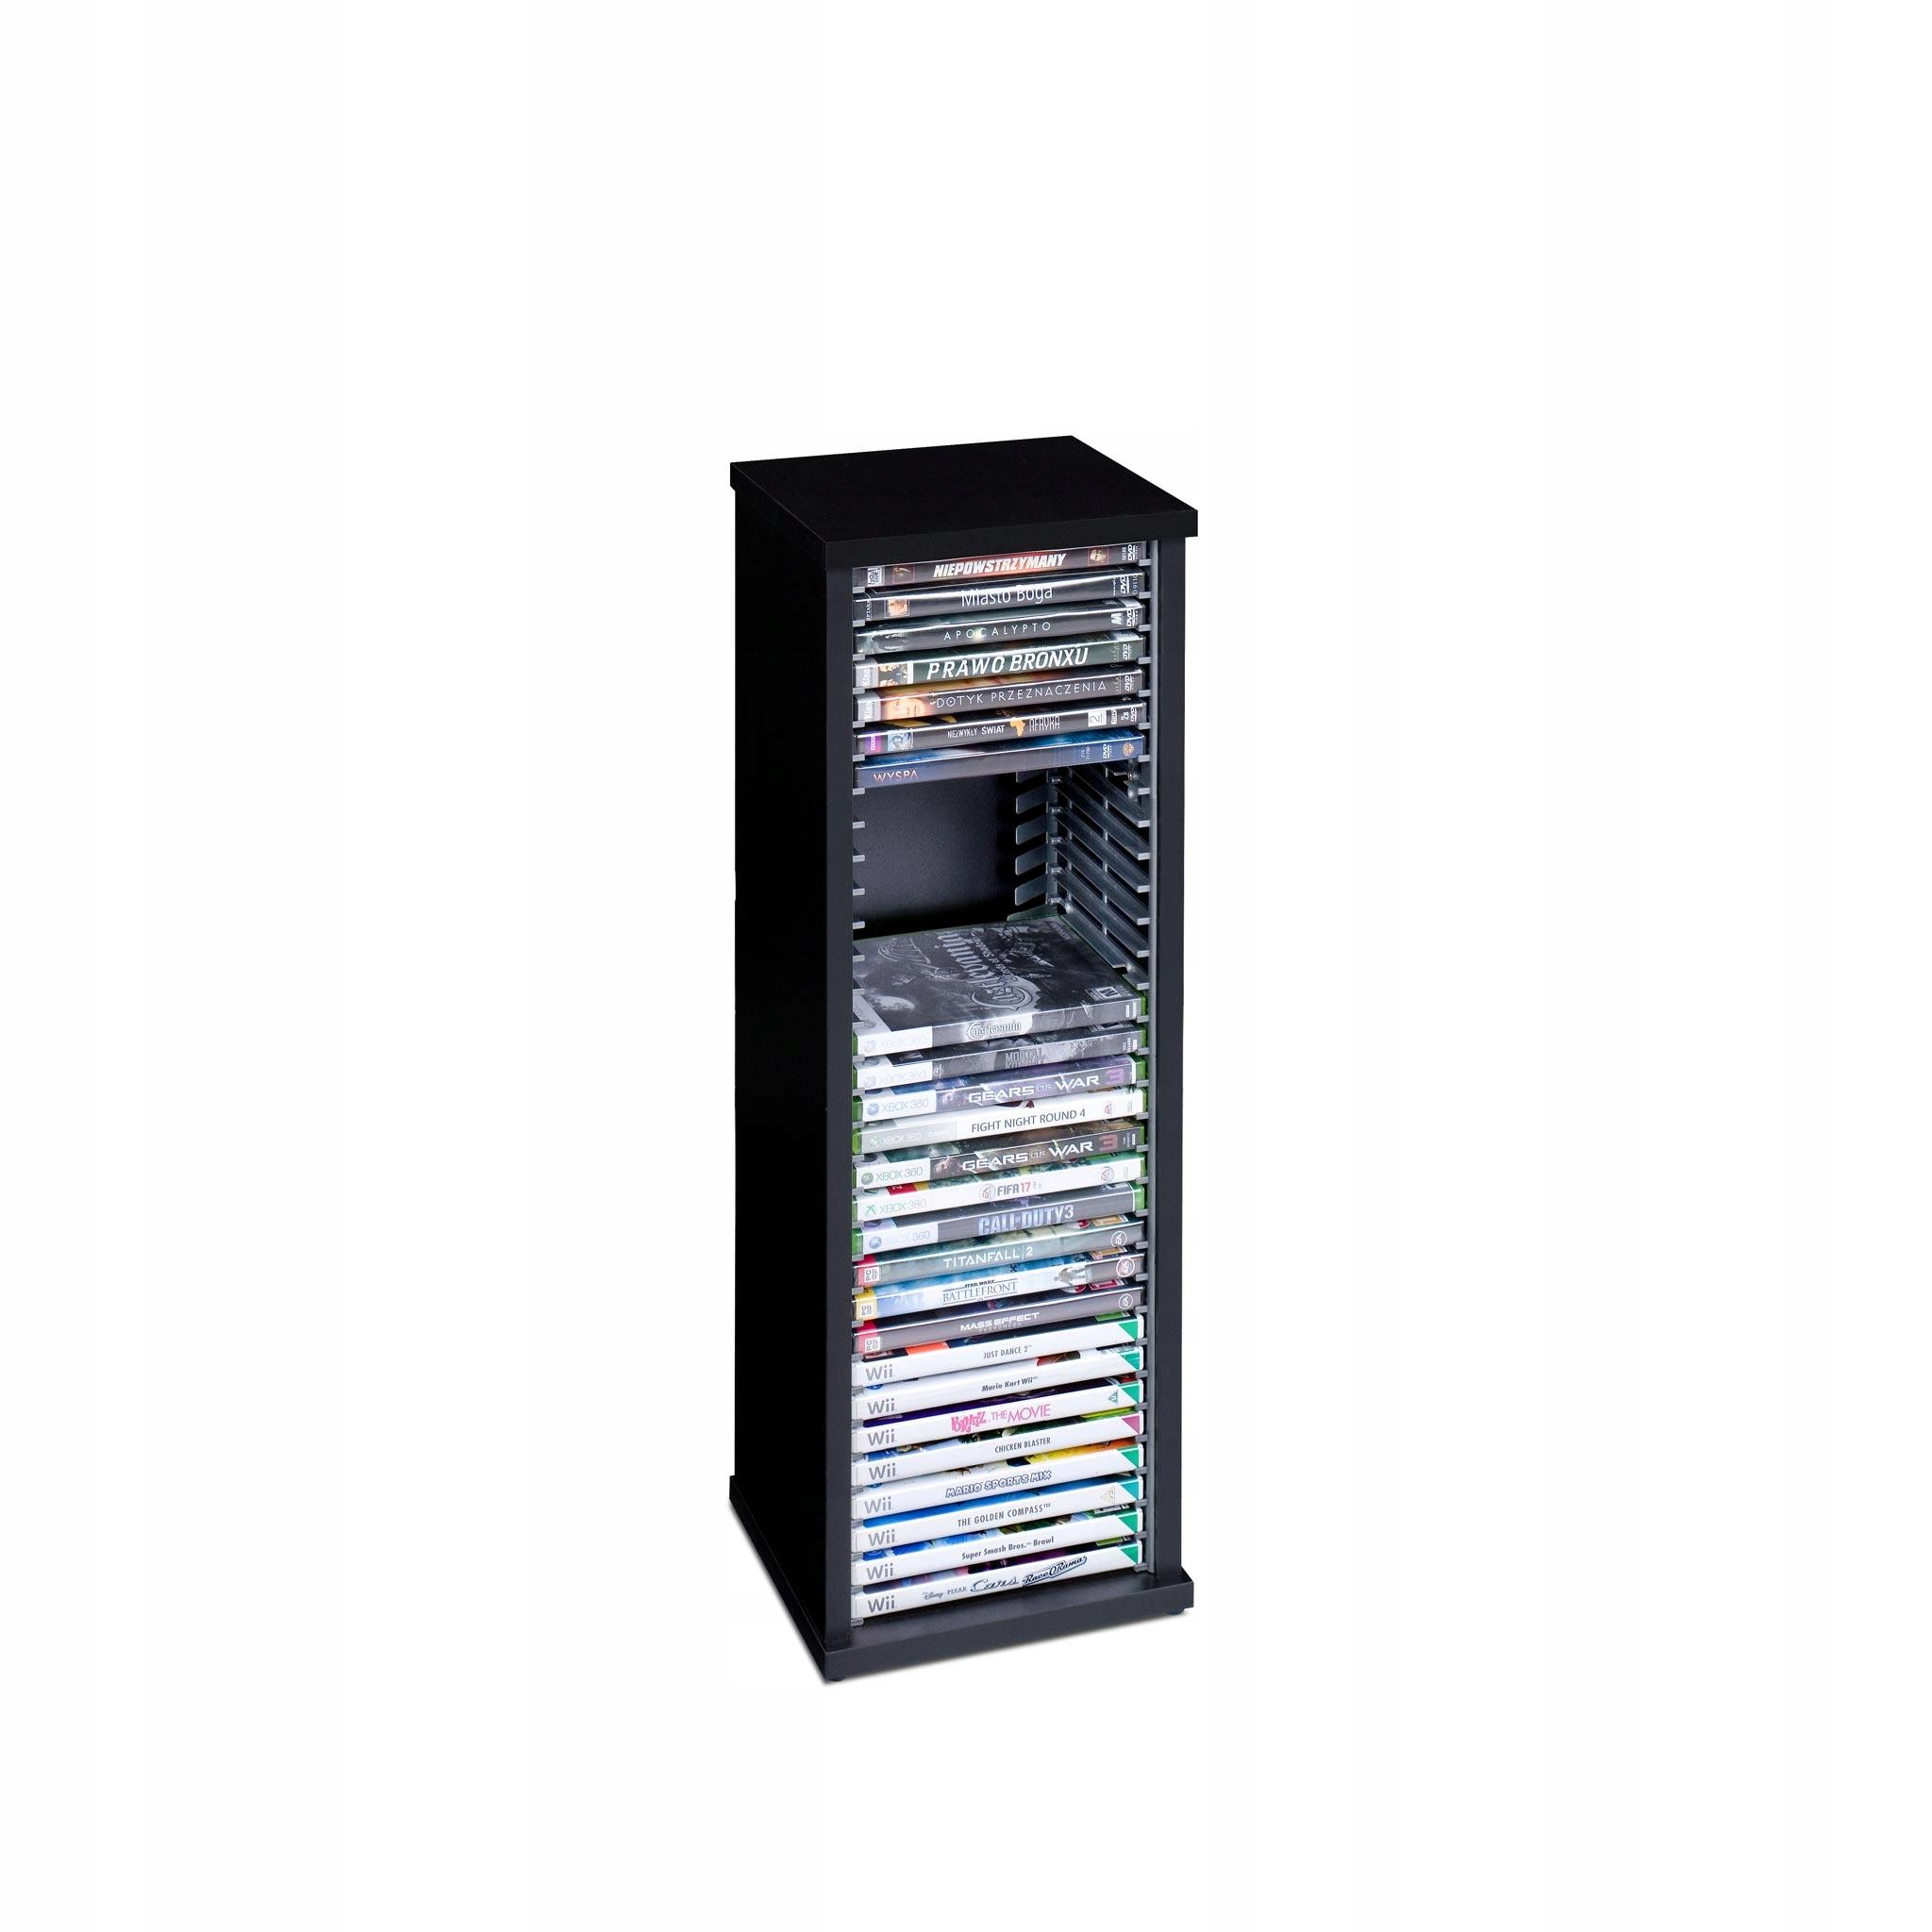 Stojan Kontajner Rack hra Xbox 360 Wii PC DVD 30